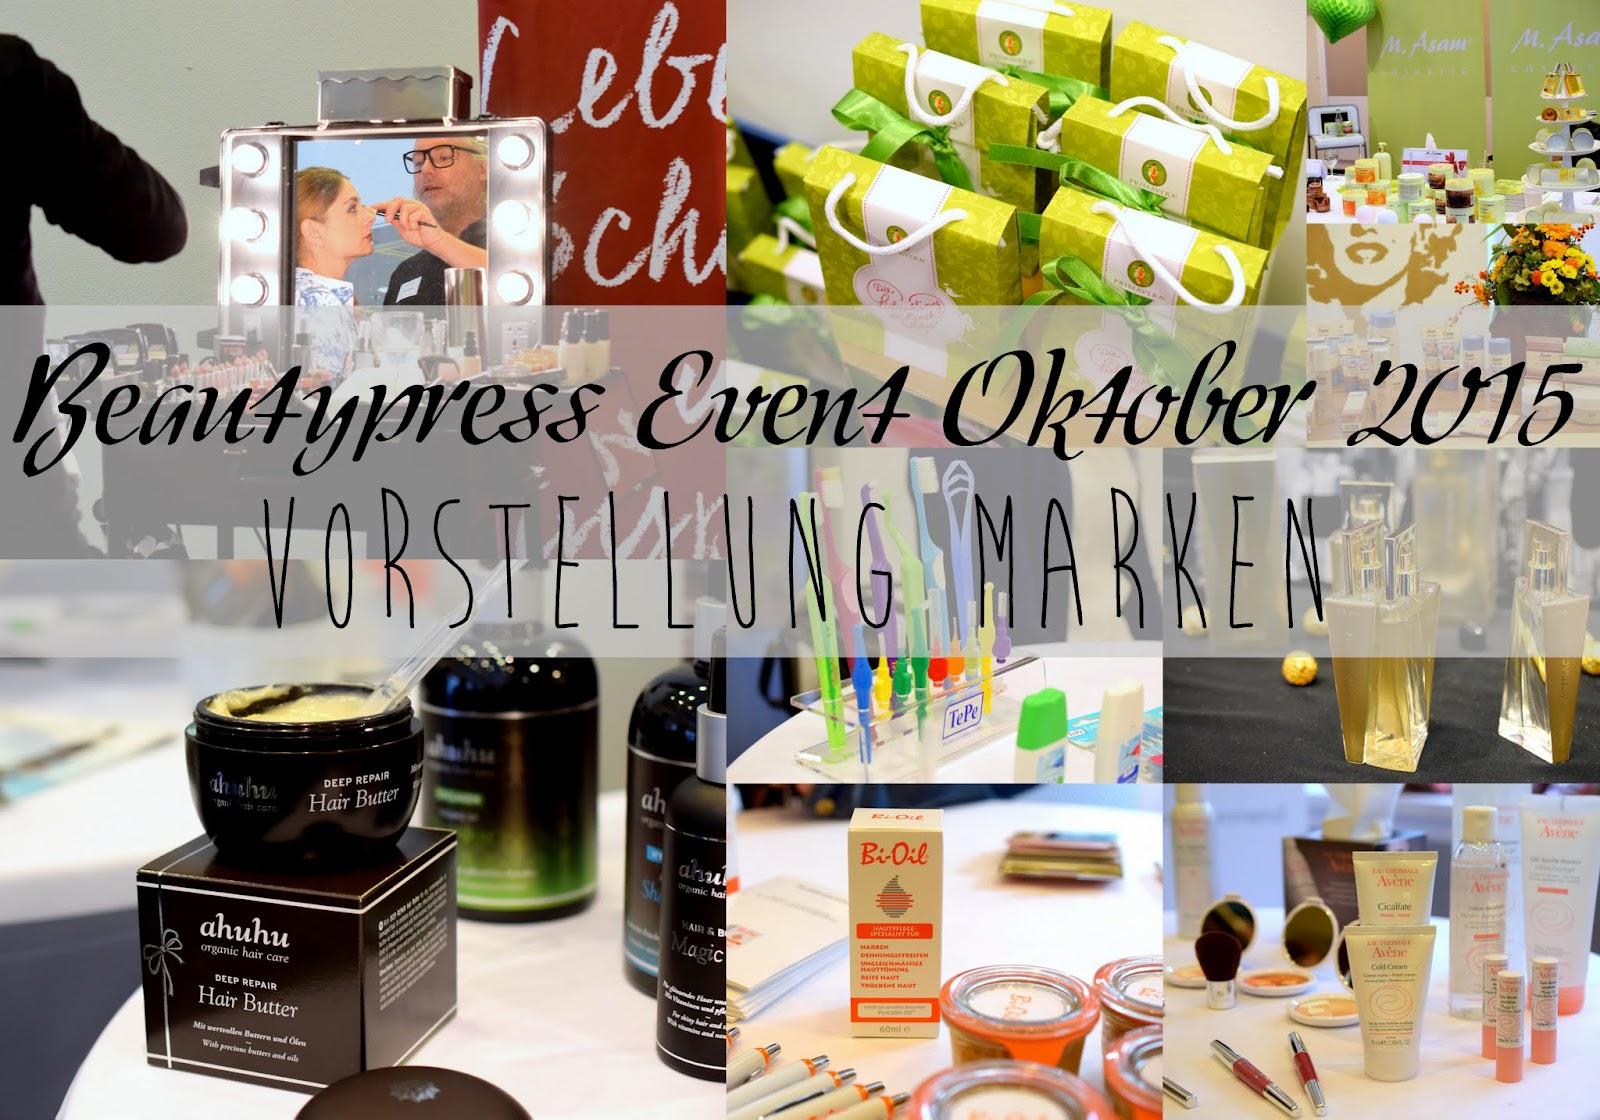 Beautypress Oktober 2015: Vorstellung Marken